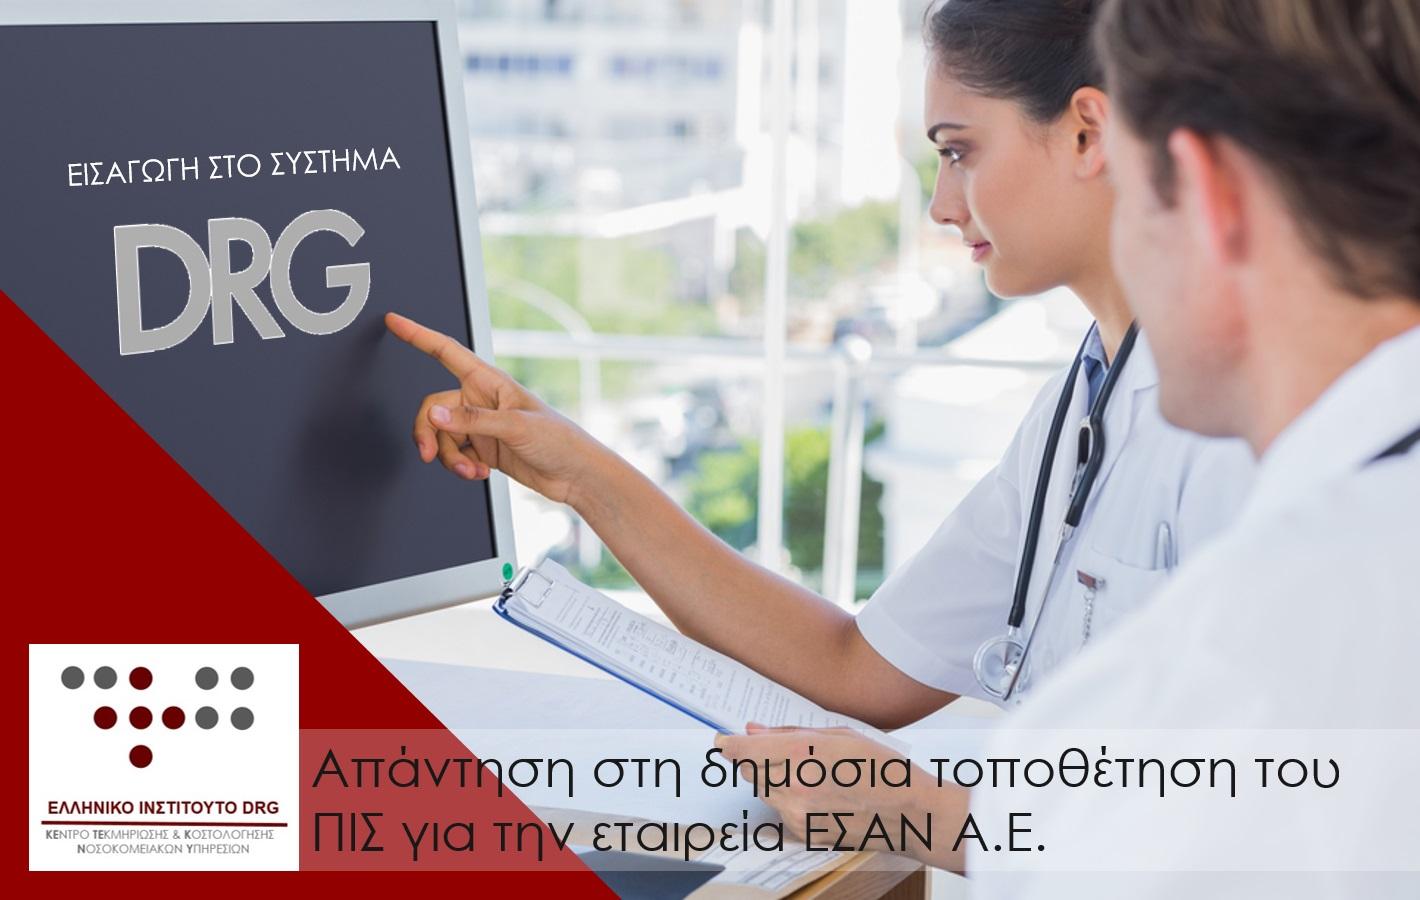 Απάντηση σε αναφορά του Πανελλήνιου Ιατρικού Συλλόγου στην εταιρεία ΕΣΑΝ Α.Ε.